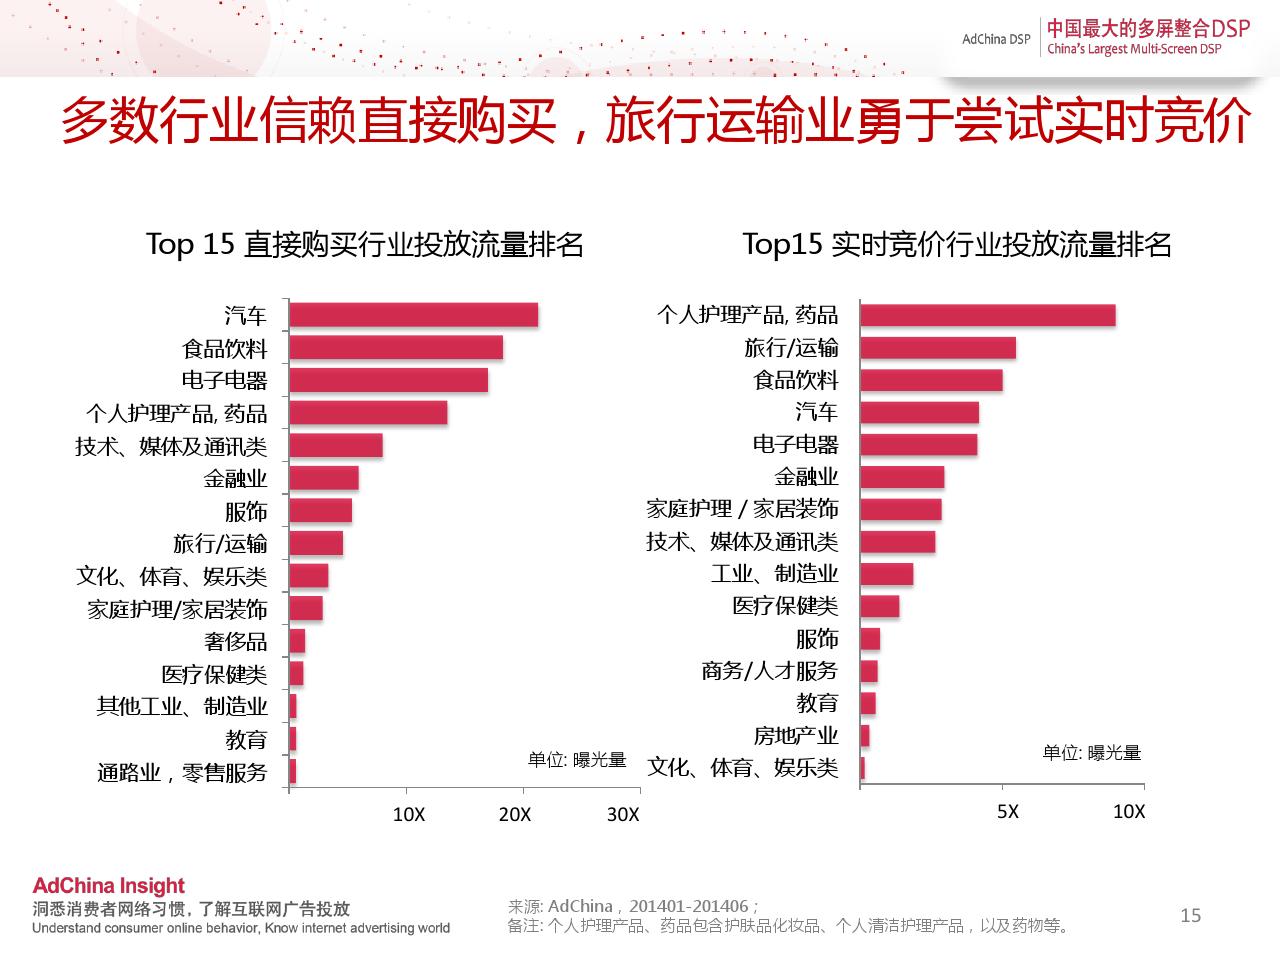 中国程序化购买指数-2014上半年刊_000015